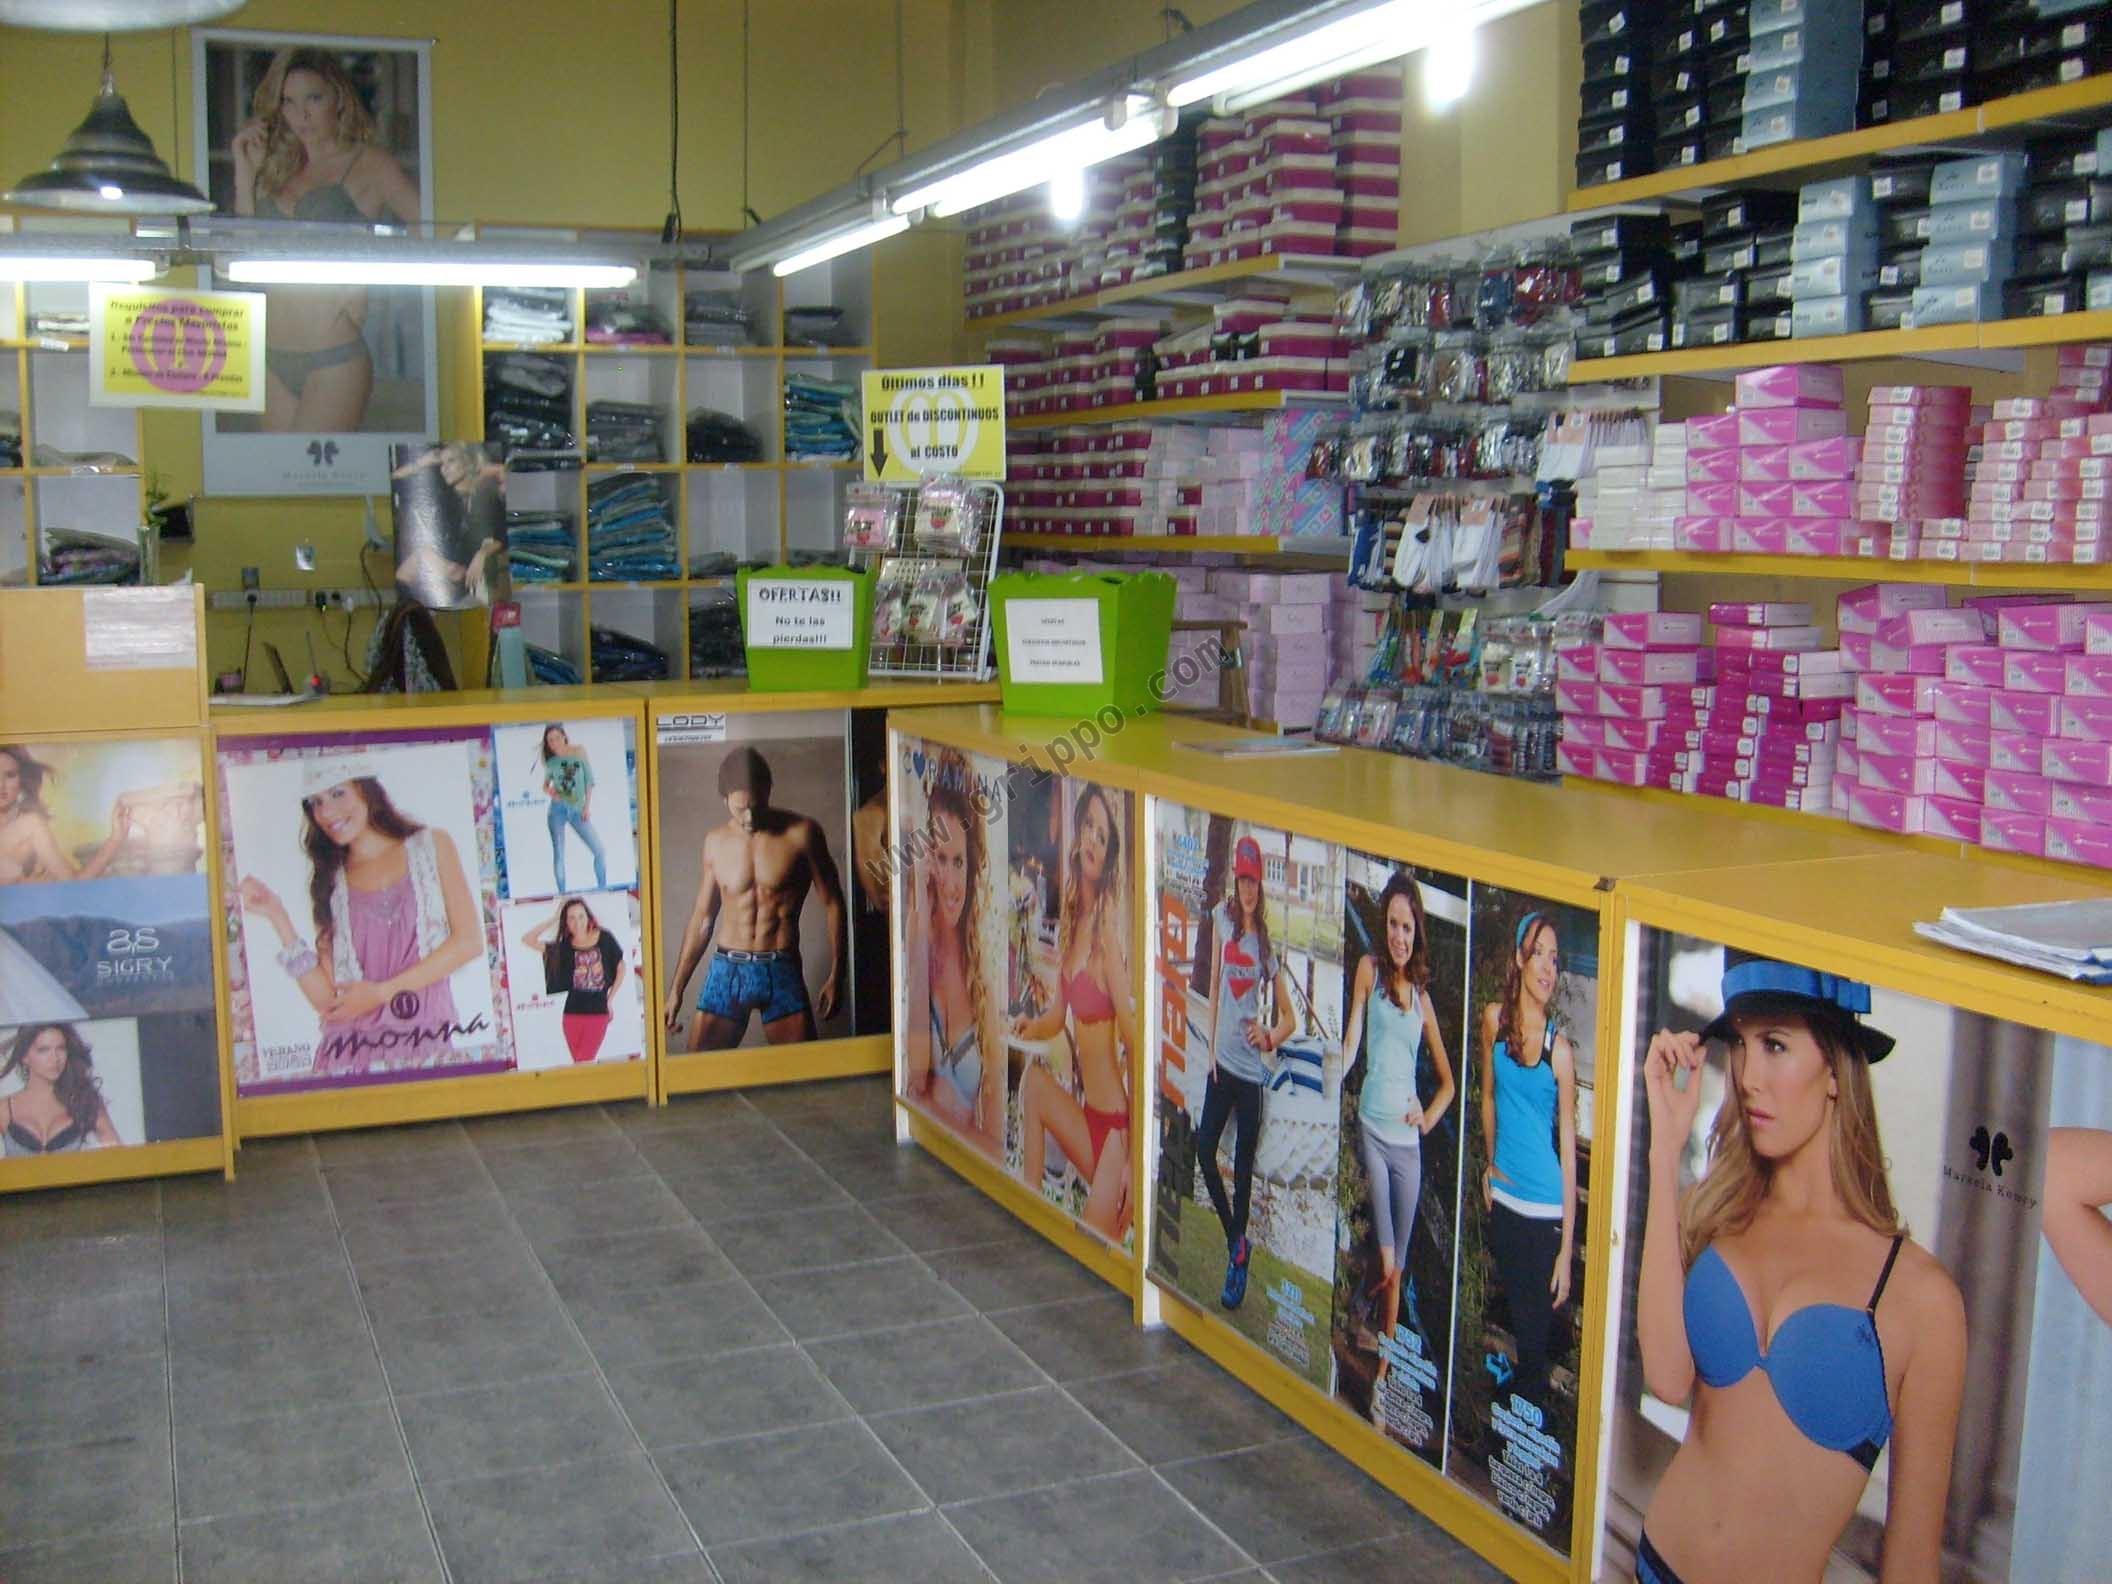 venta de indumentaria por catalogo: